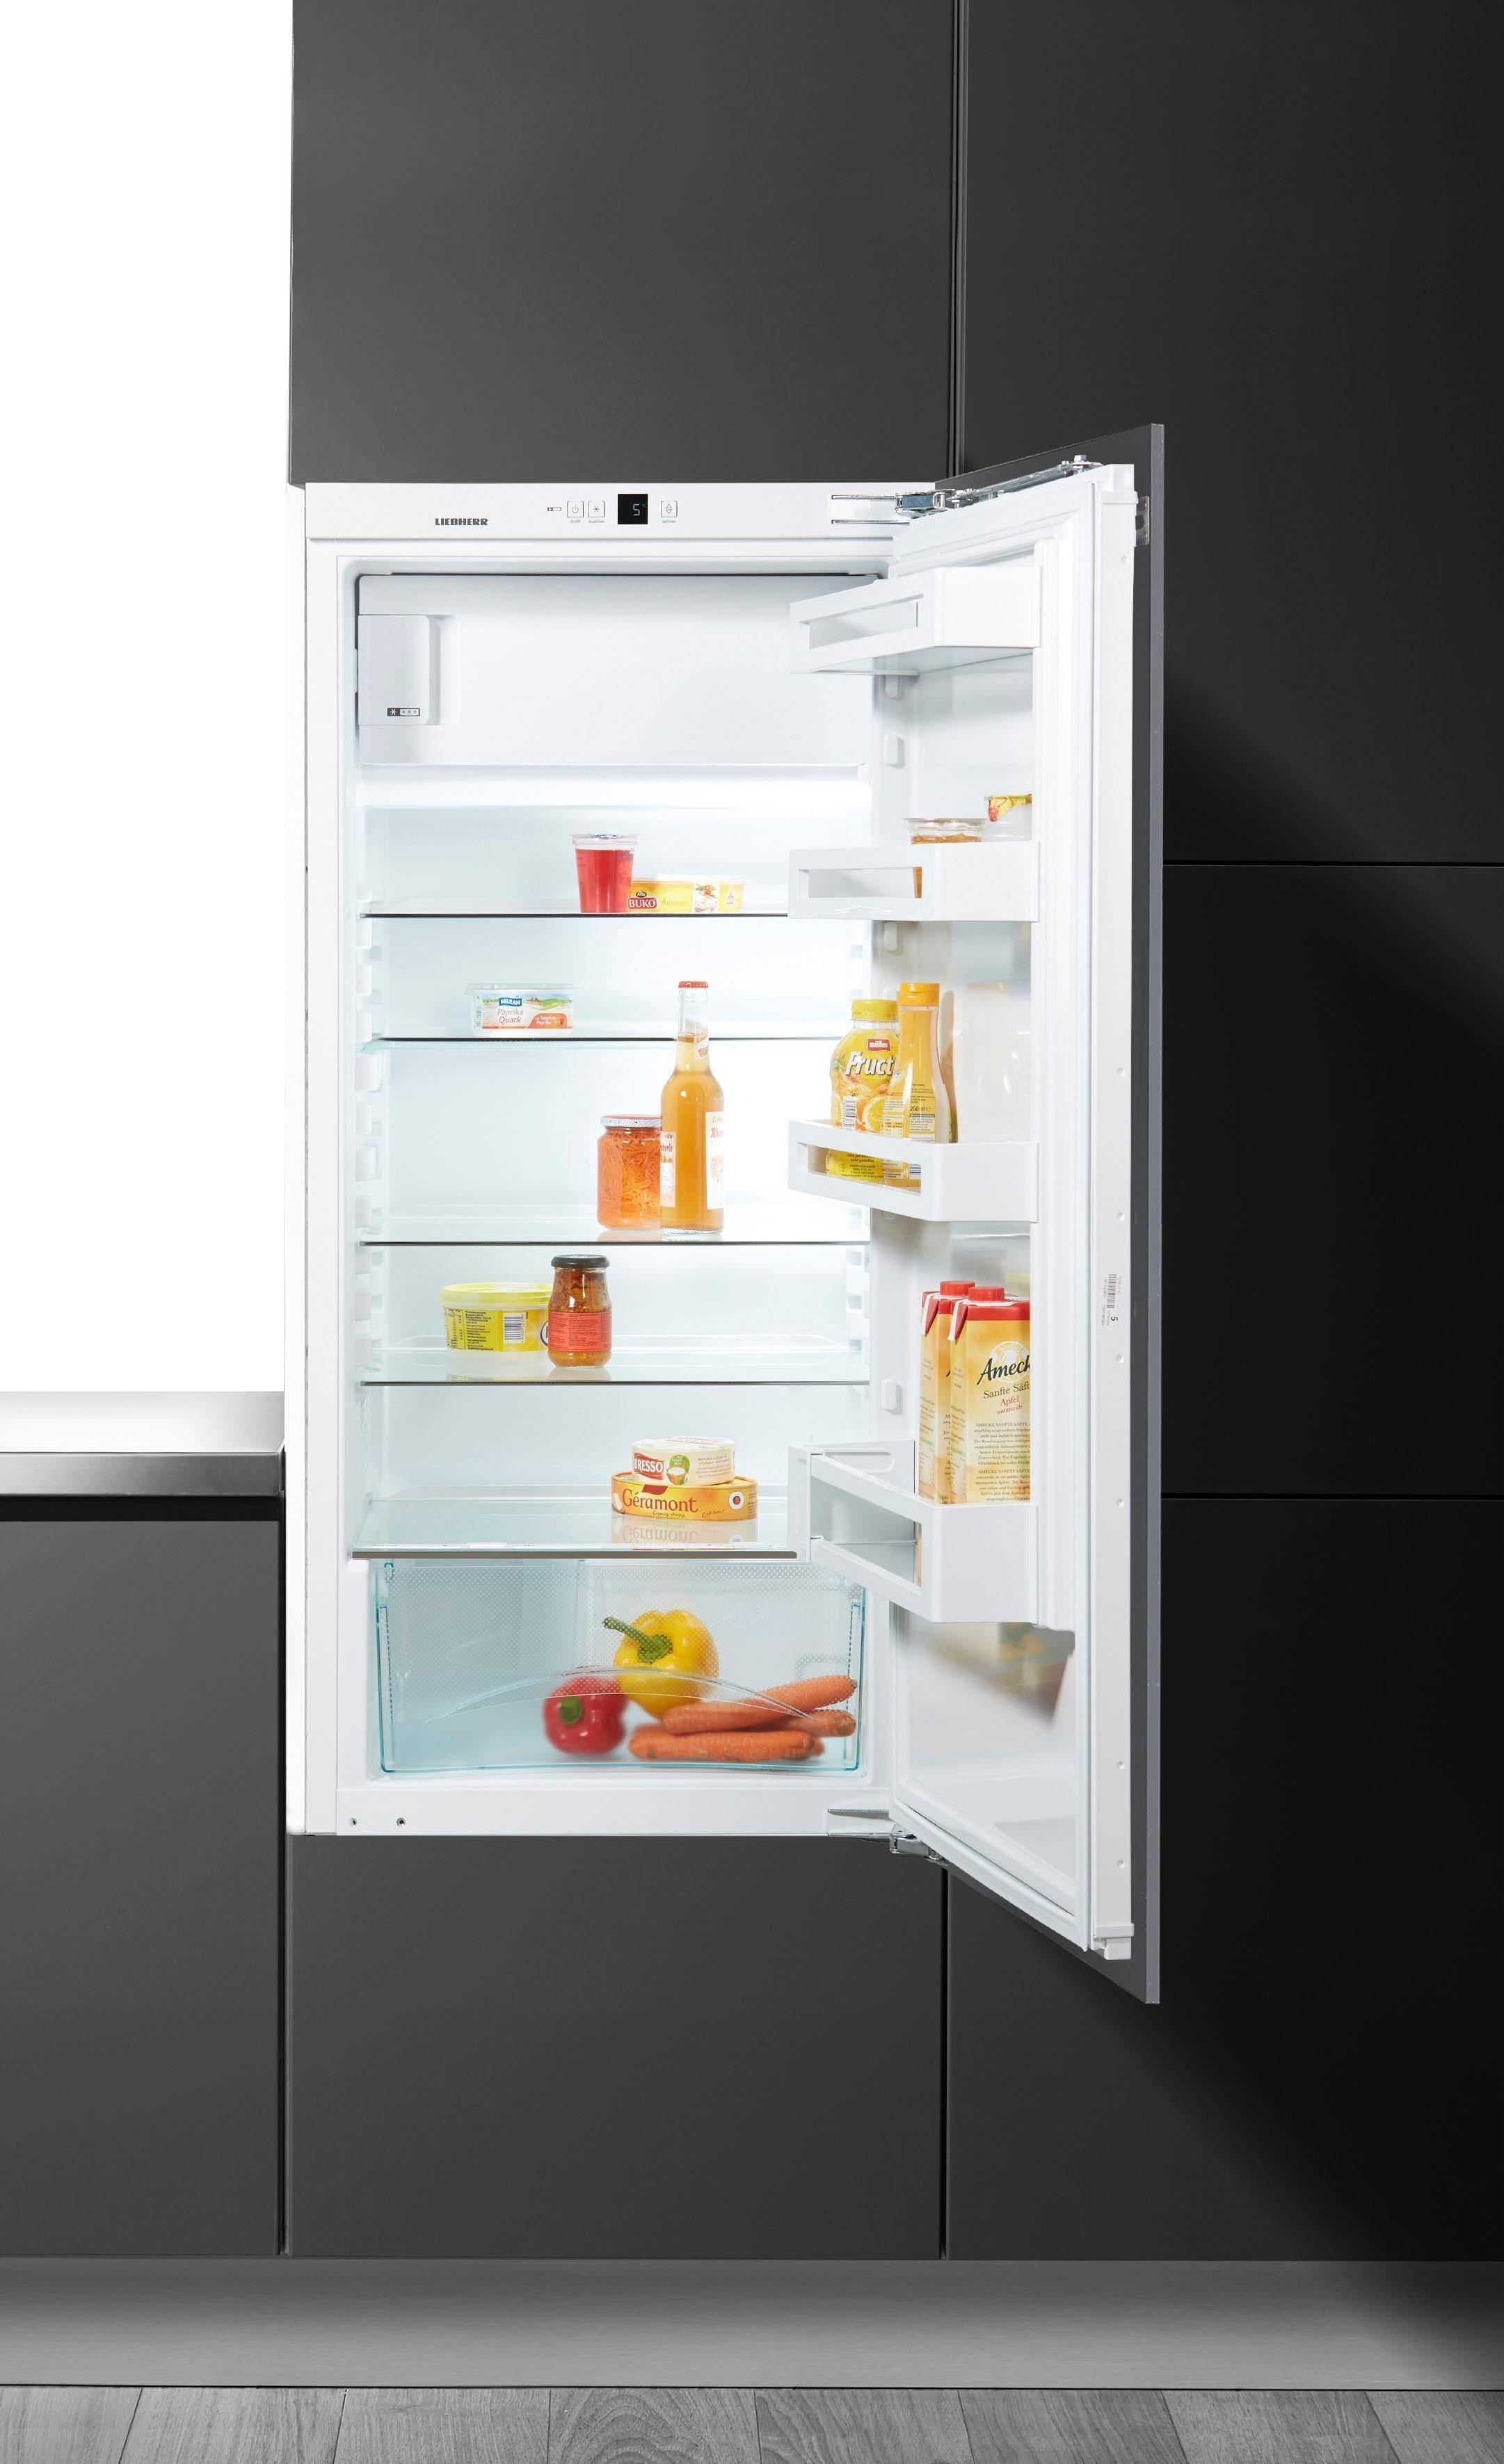 Liebherr Einbaukühlschrank IKP 2324, 121,8 cm hoch, 55,9 cm breit, Energieklasse A+++, 122 cm hoch, integrierbar